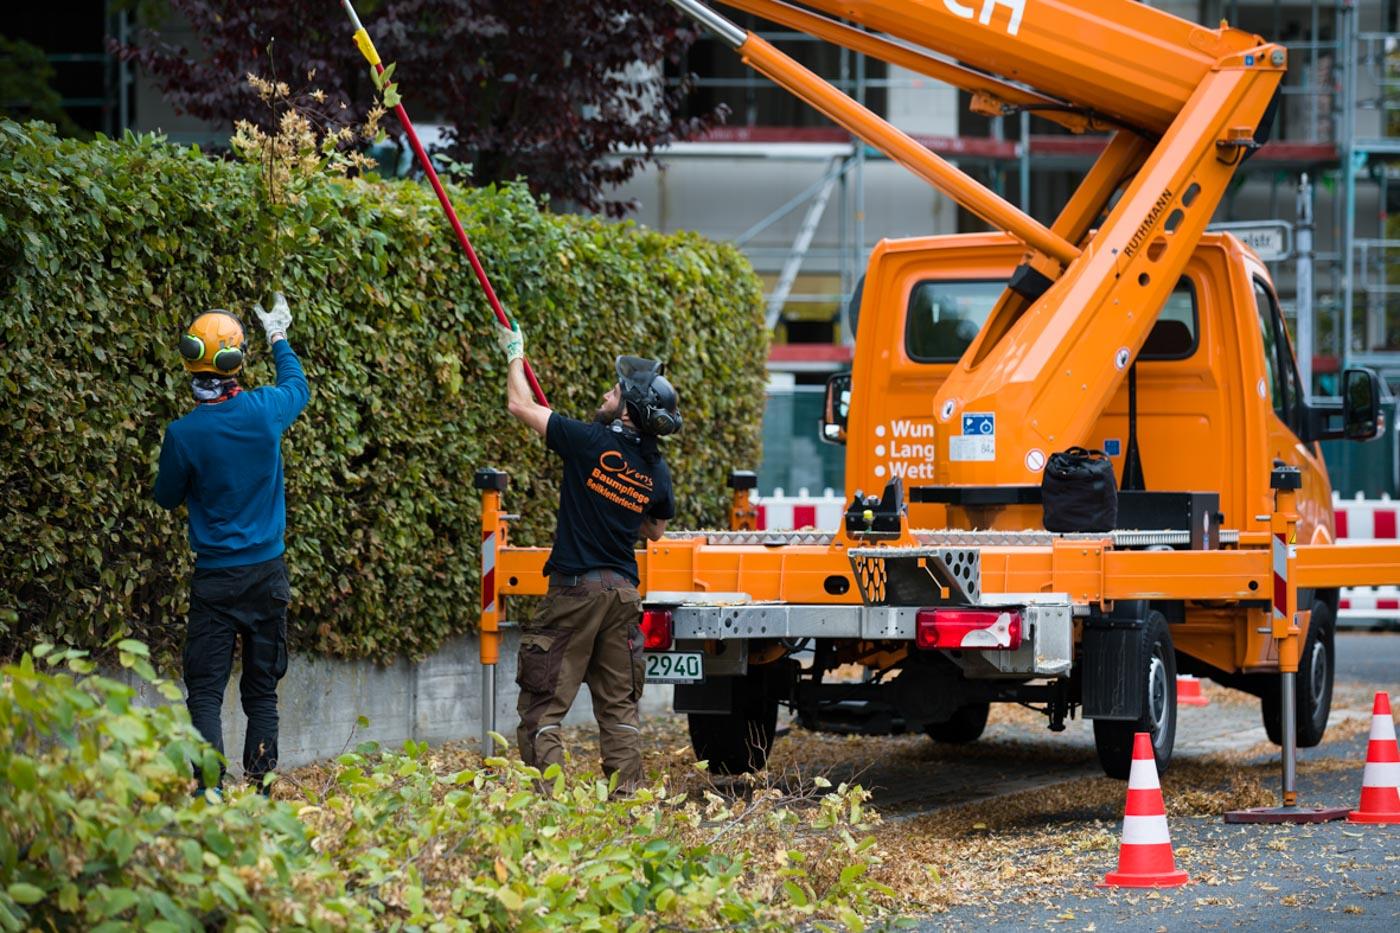 Baumpflege mit Hebebühne und Telesskopschere